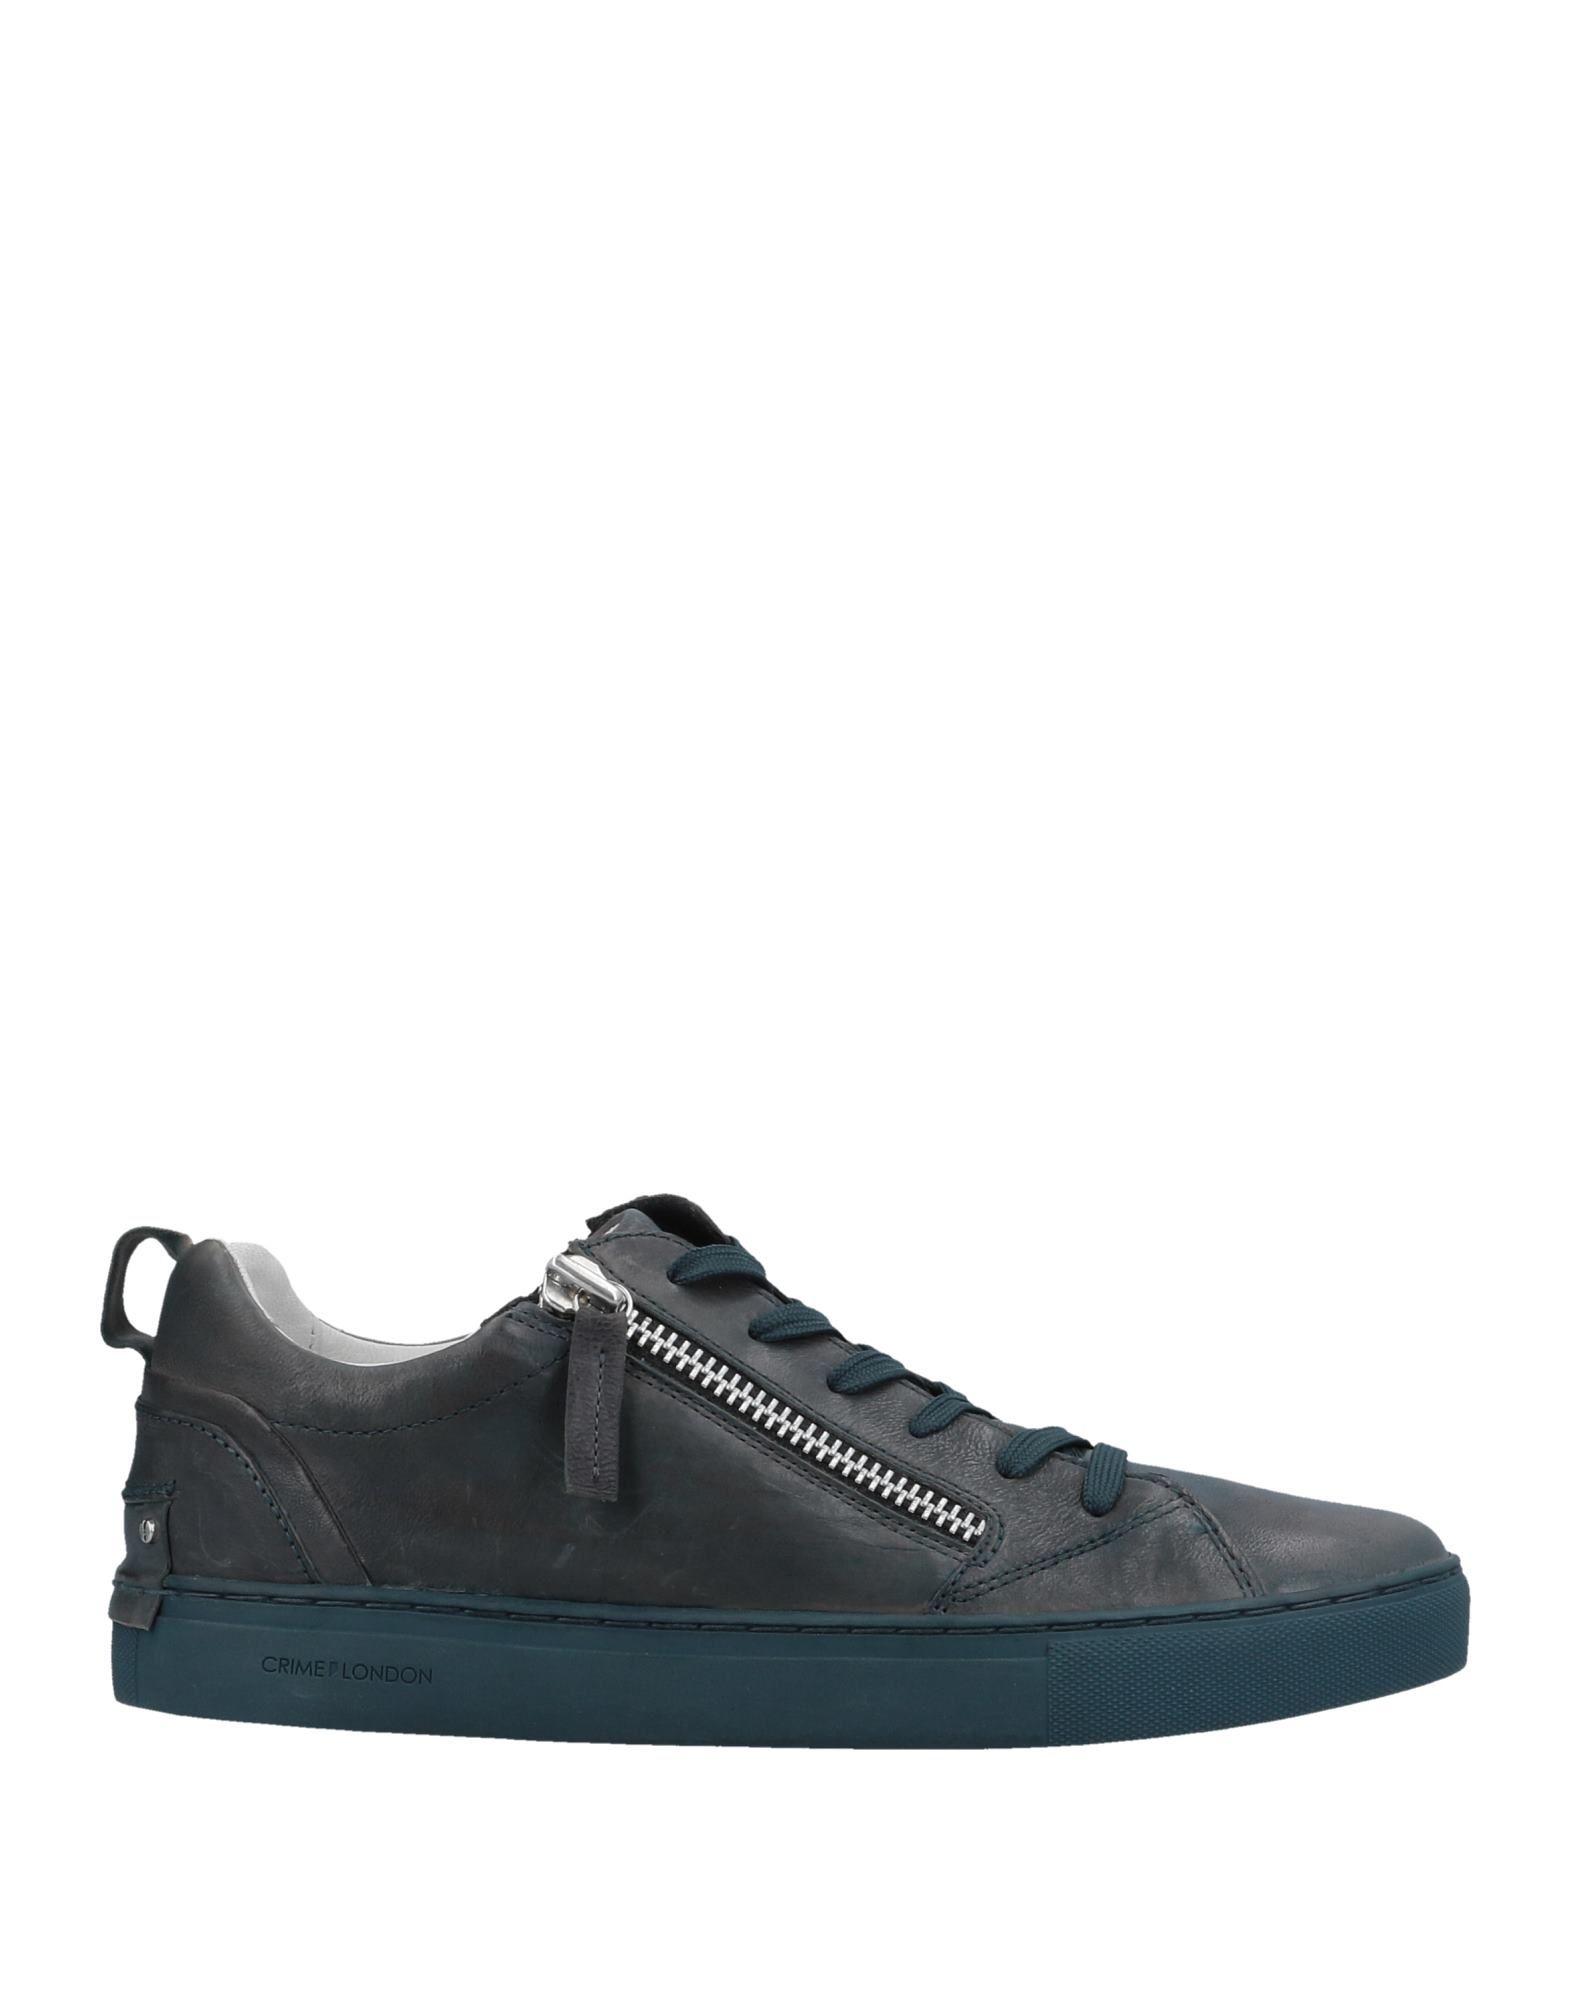 Los últimos zapatos de descuento para hombres y mujeres mujeres mujeres  Zapatillas Crime London Hombre - Zapatillas Crime London cb9947